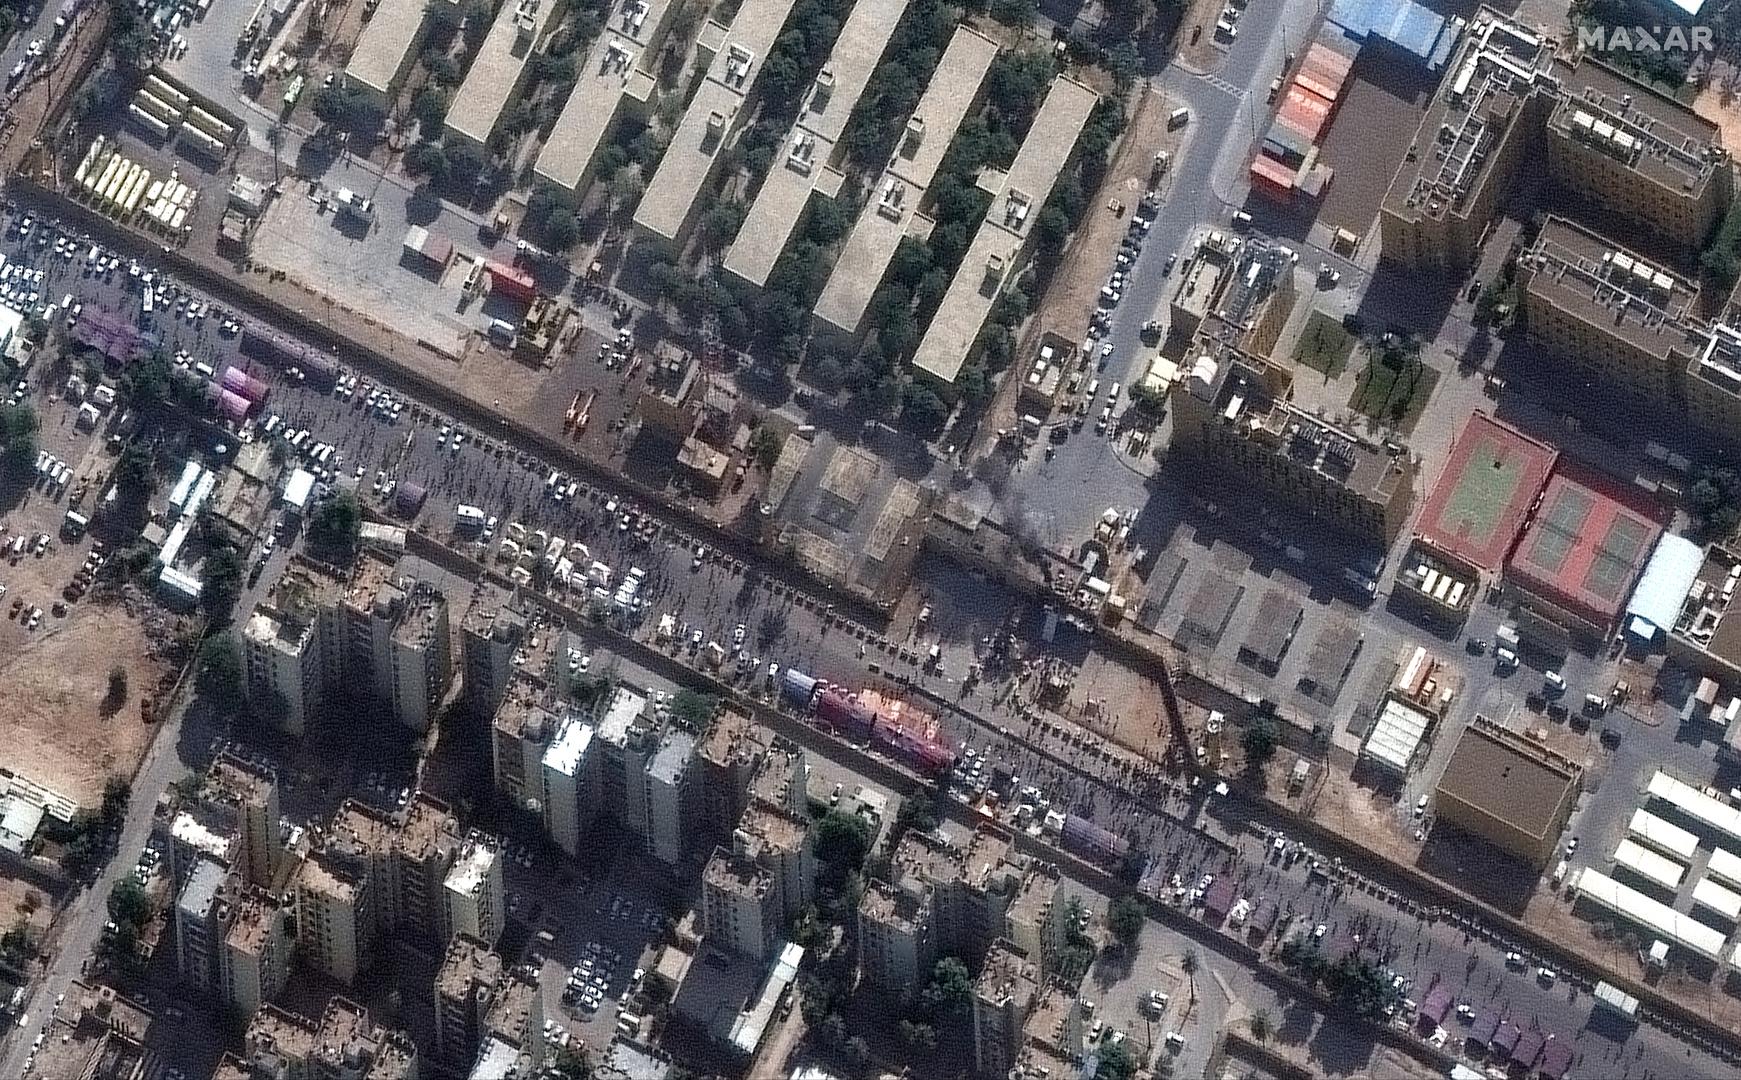 طائرات أمريكية تحلق فوق سفارة واشنطن في بغداد